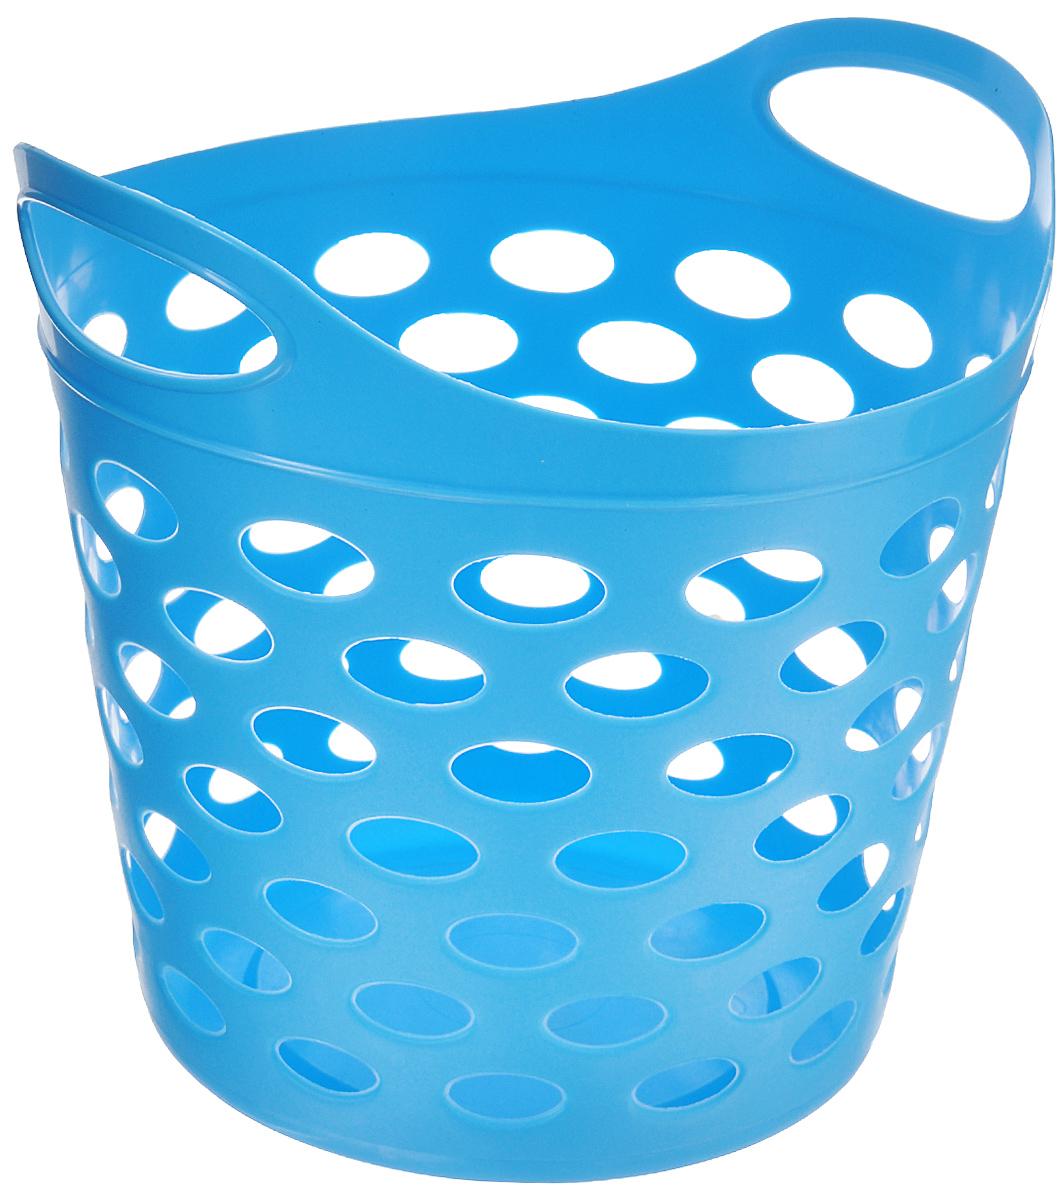 Корзина-сумка Gensini, универсальная, цвет: голубой, 13 л3312_голубойУниверсальная корзина-сумка Gensini отлично подойдет для хранения белья перед стиркой, игрушек и других вещей. Она выполнена из высококачественного мягкого пластика и оснащена двумя удобными ручками для переноски. Боковые стенки оформлены перфорацией, которая обеспечивает вентиляцию белья. Современный дизайн корзины-сумки позволит ей вписаться в любой интерьер, а благодаря своим компактным размерам она не займет много места.